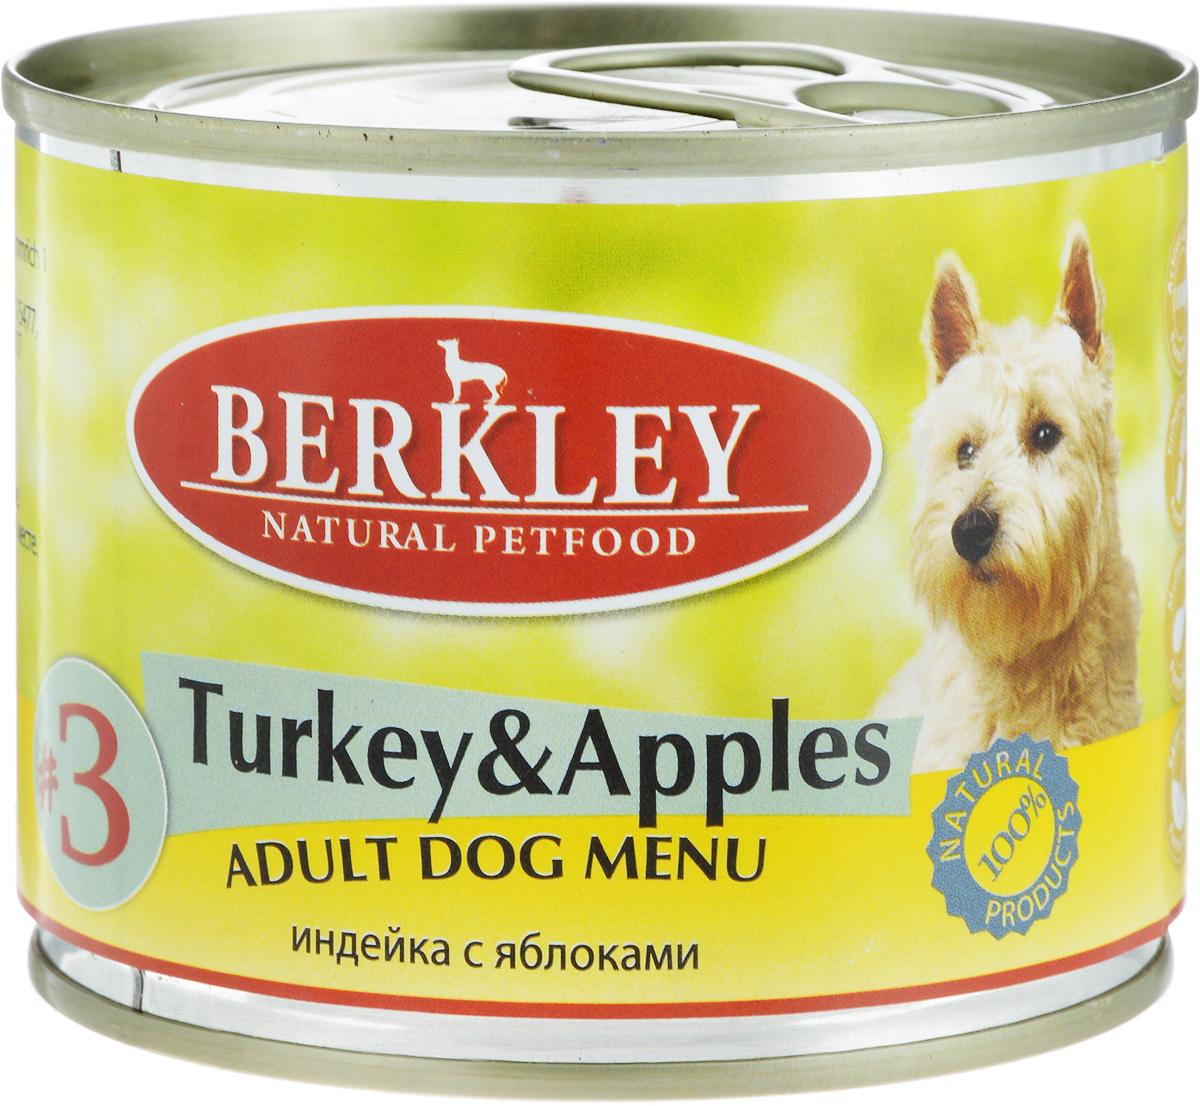 Консервы для собак Berkley №3, индейка с яблоками, 200 г57473/75001Консервы Berkley №3 - полноценное консервированное питание для собак. Не содержат сои, консервантов, искусственных красителей и ароматизаторов. Корм полностью удовлетворяет ежедневные энергетические потребности животного и обеспечивает оптимальное функционирование пищеварительной системы. Товар сертифицирован.